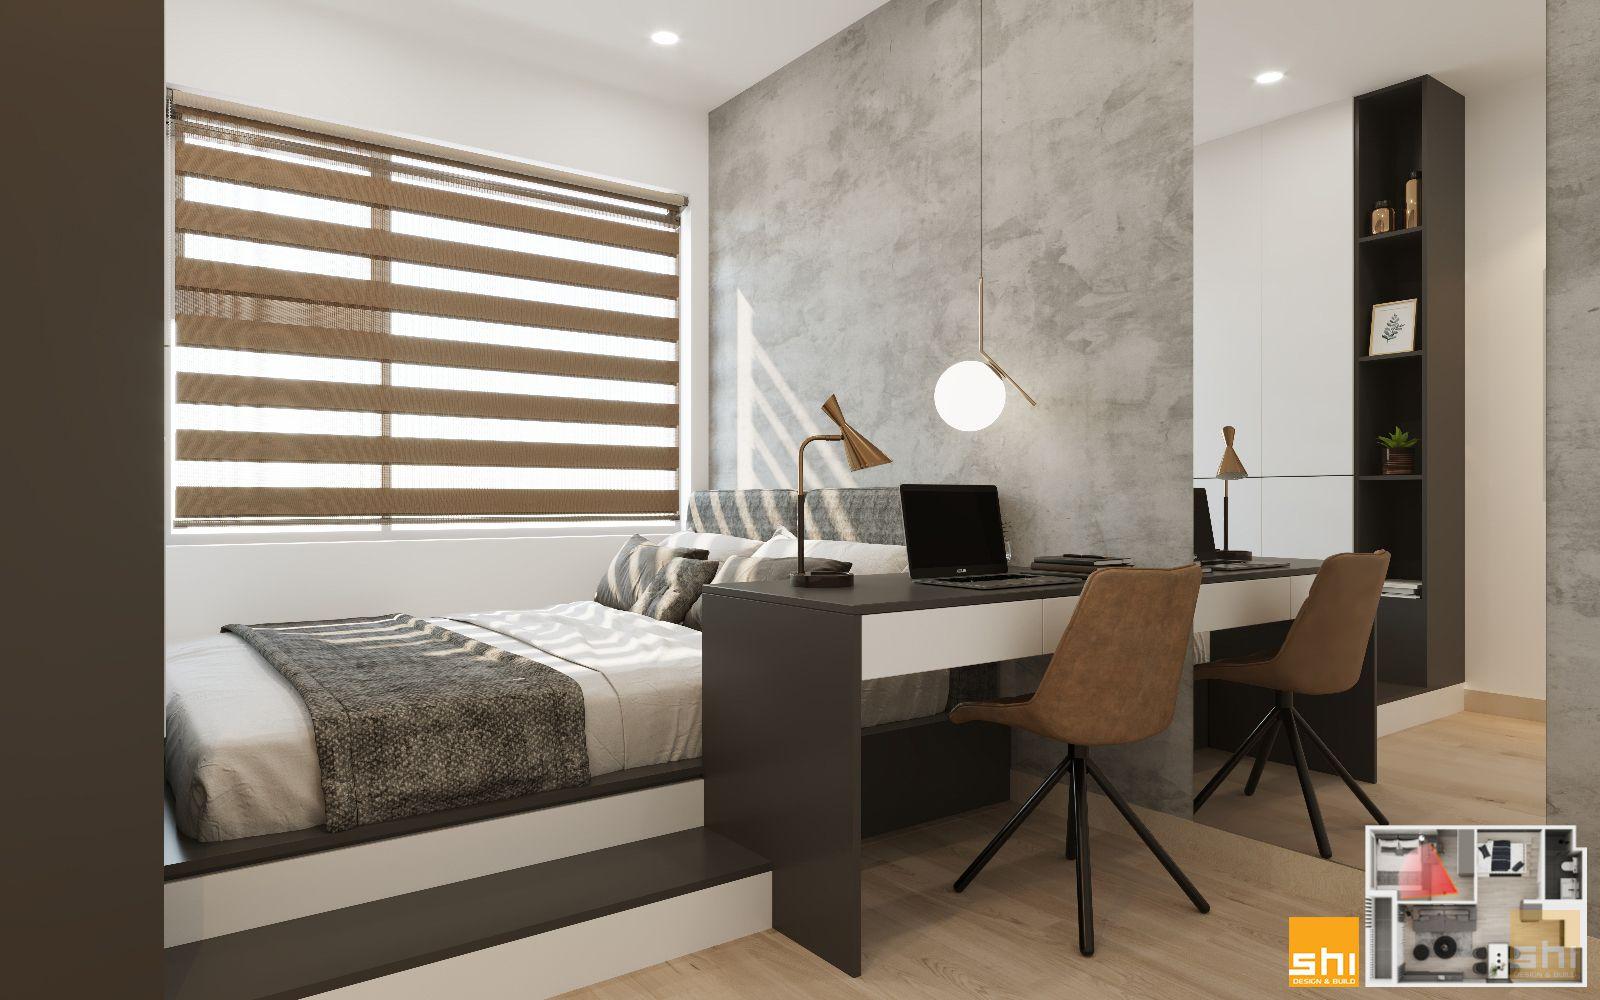 thiết kế nội thất căn hộ 1 phòng ngủ